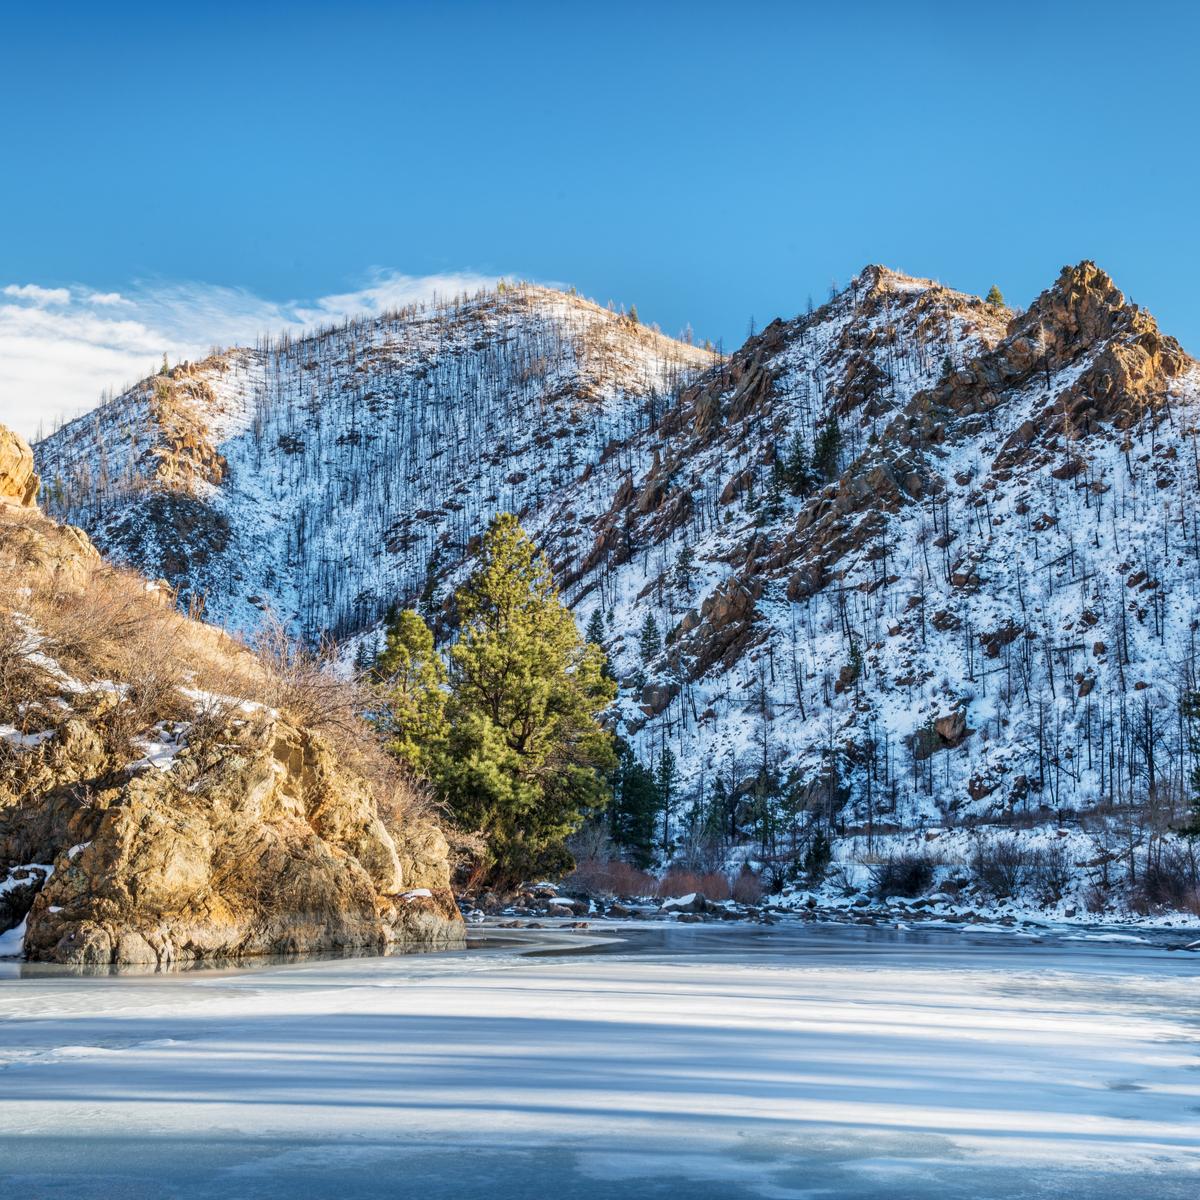 Poudre Canyon in Colorado.